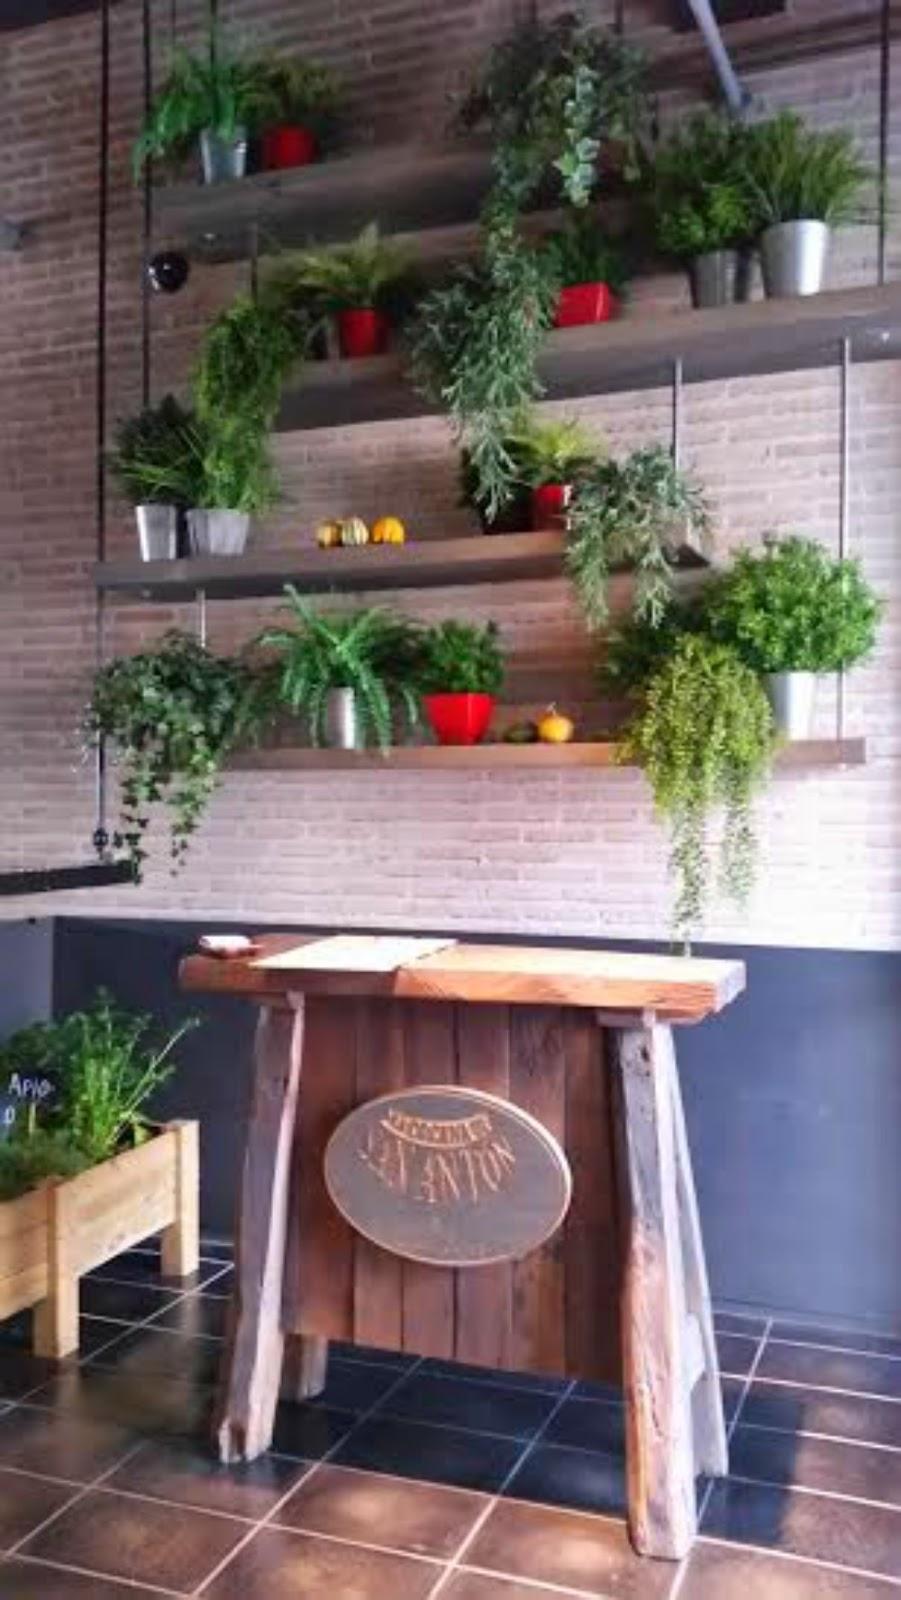 Las monicadas de m nica la cocina de san ant n oto o de - Cocina de san anton ...